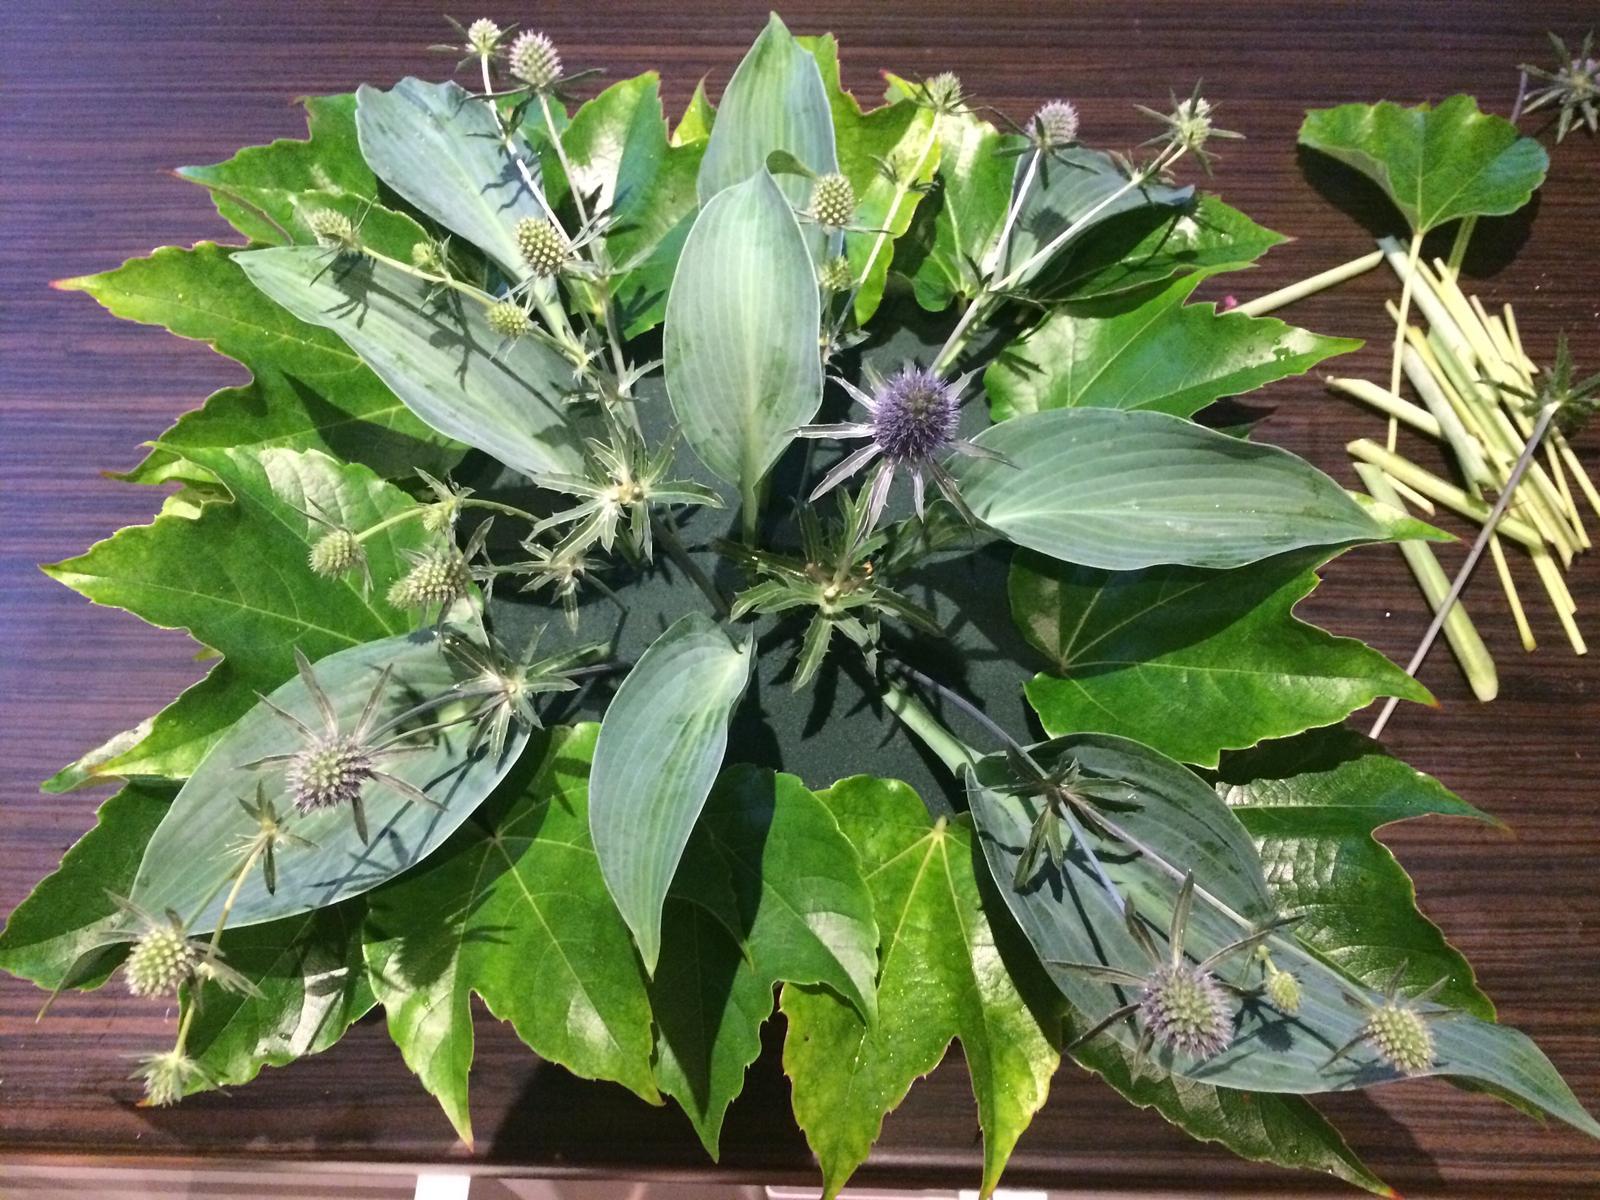 Dekorace z květin Pro radost - zelený základ dala zahrada... ještě jsem tam dala zelené vřesy , jinak listy přísavník, hosty, eryngium